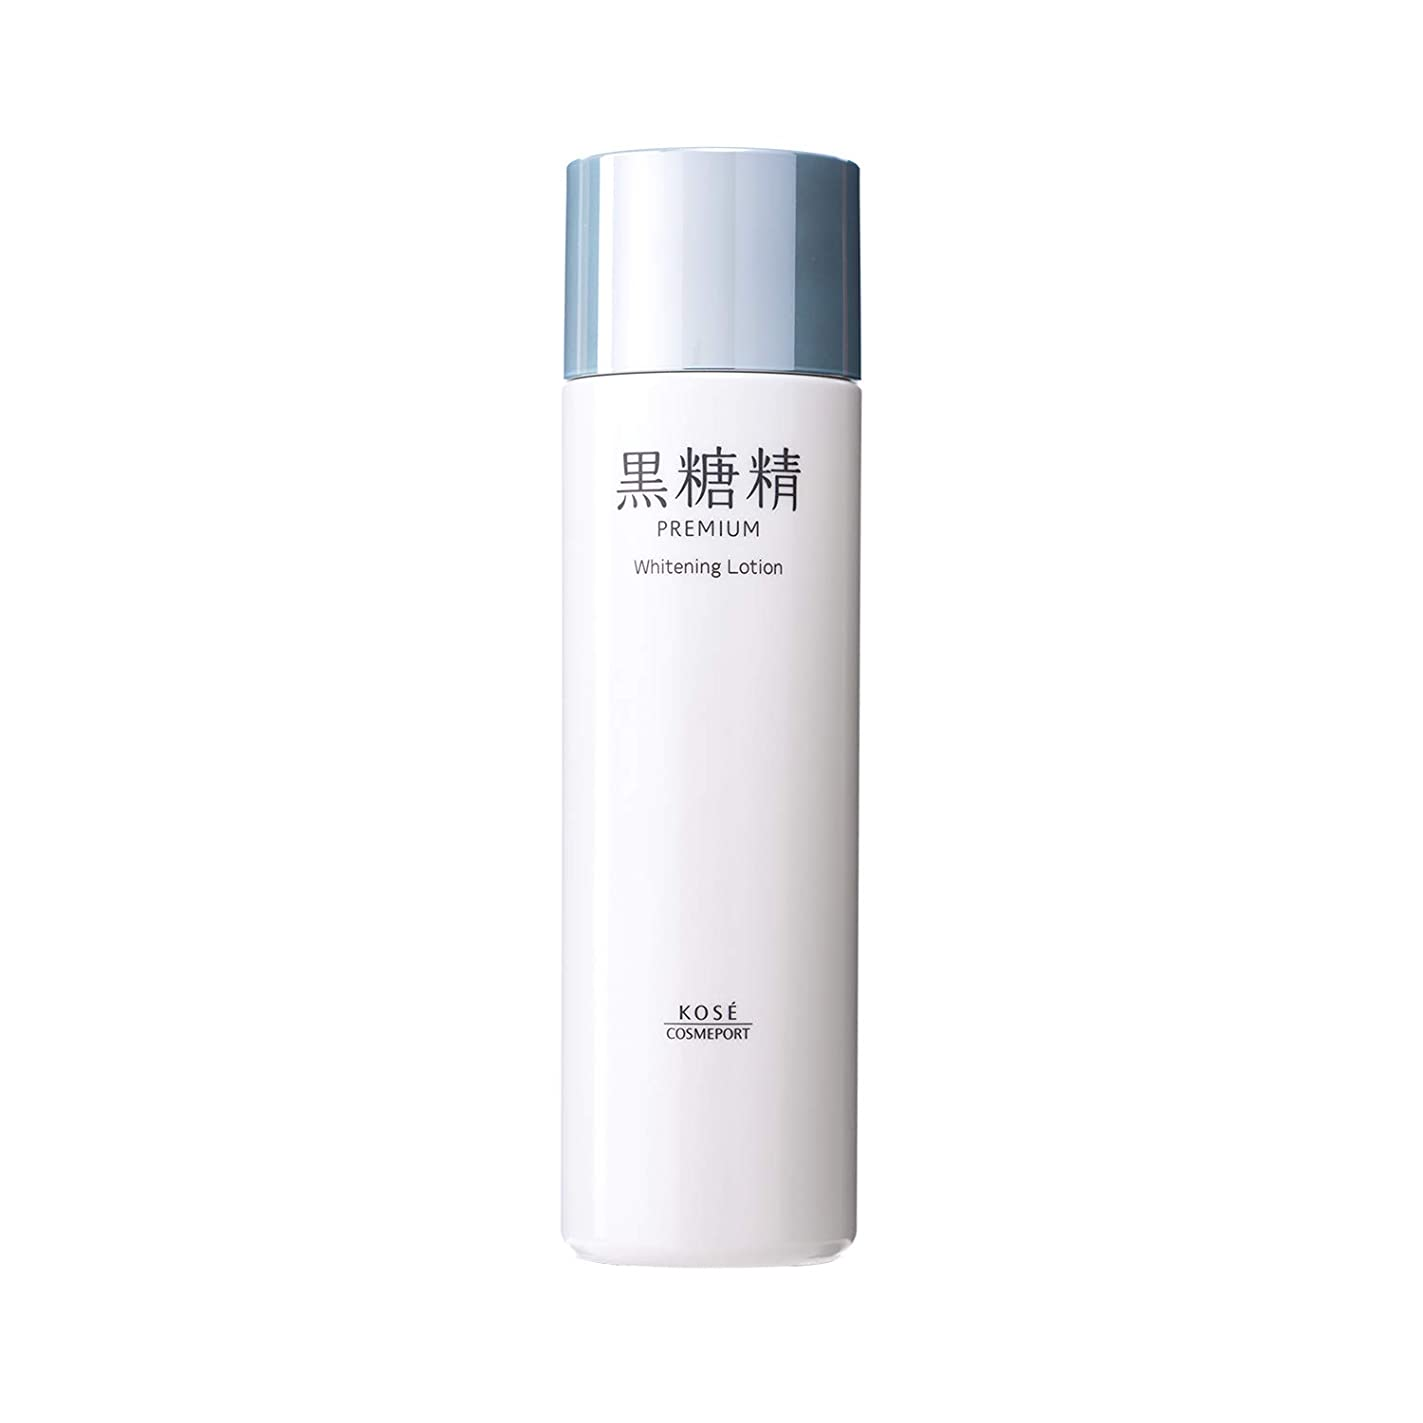 めったに発送実質的にKOSE 黒糖精 プレミアム ホワイトニング ローション 薬用美白 化粧水 180ml (医薬部外品)